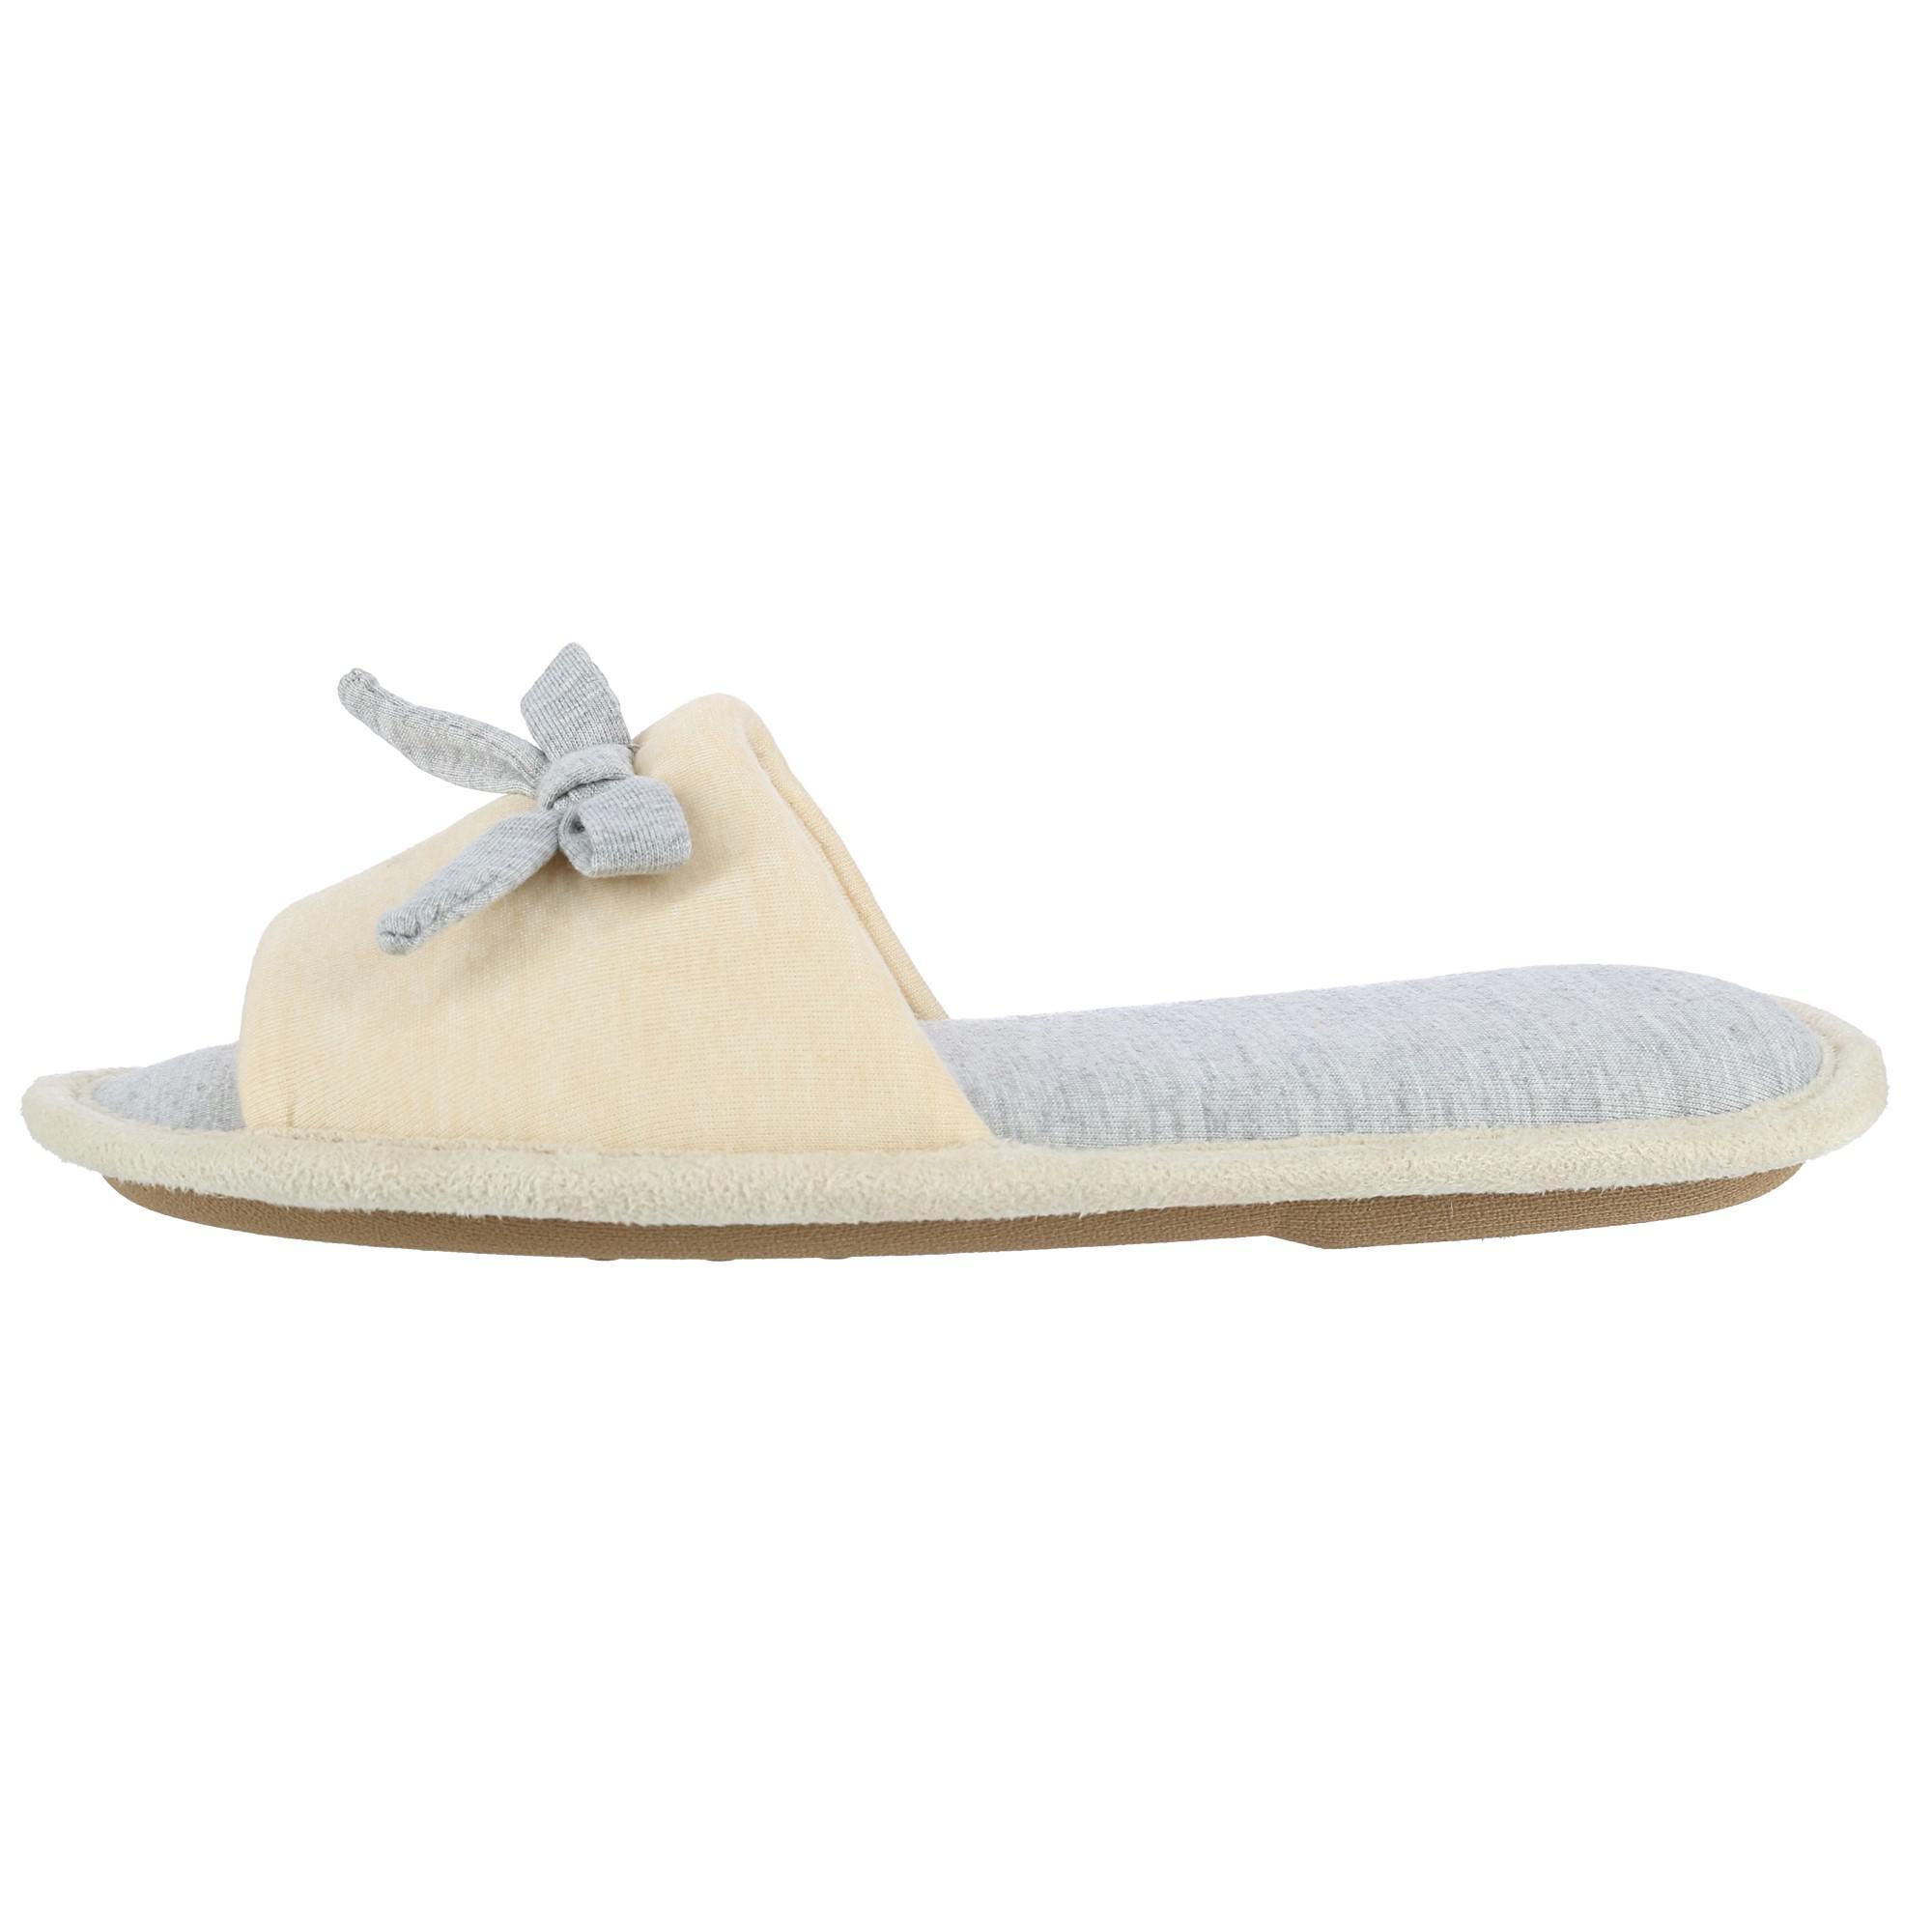 New Hanes Women S Heather Jersey Open Toe Slide Slipper